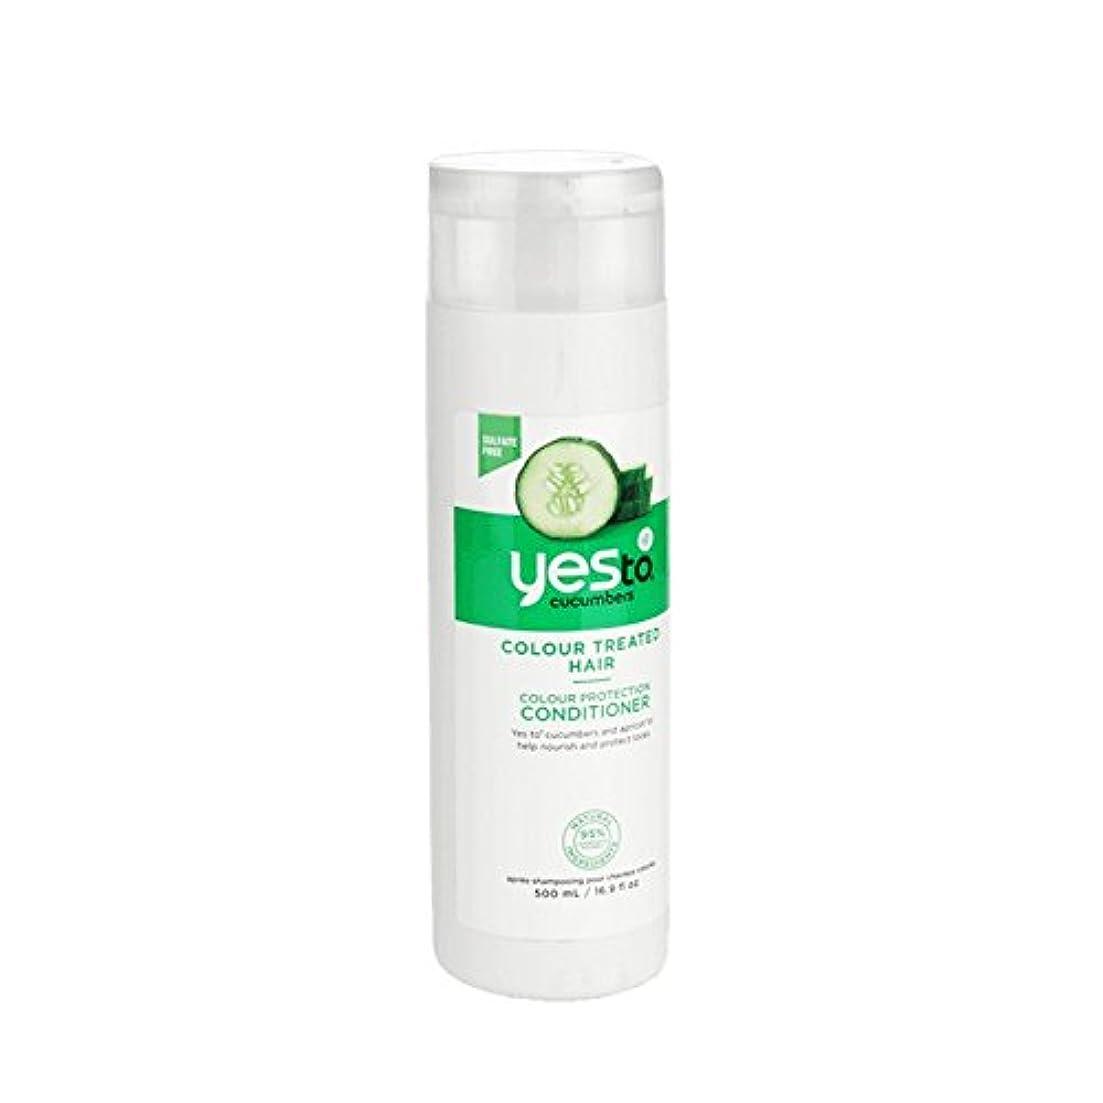 はいキュウリの色の保護コンディショナー500ミリリットルへ - Yes To Cucumbers Colour Protection Conditioner 500ml (Yes To) [並行輸入品]